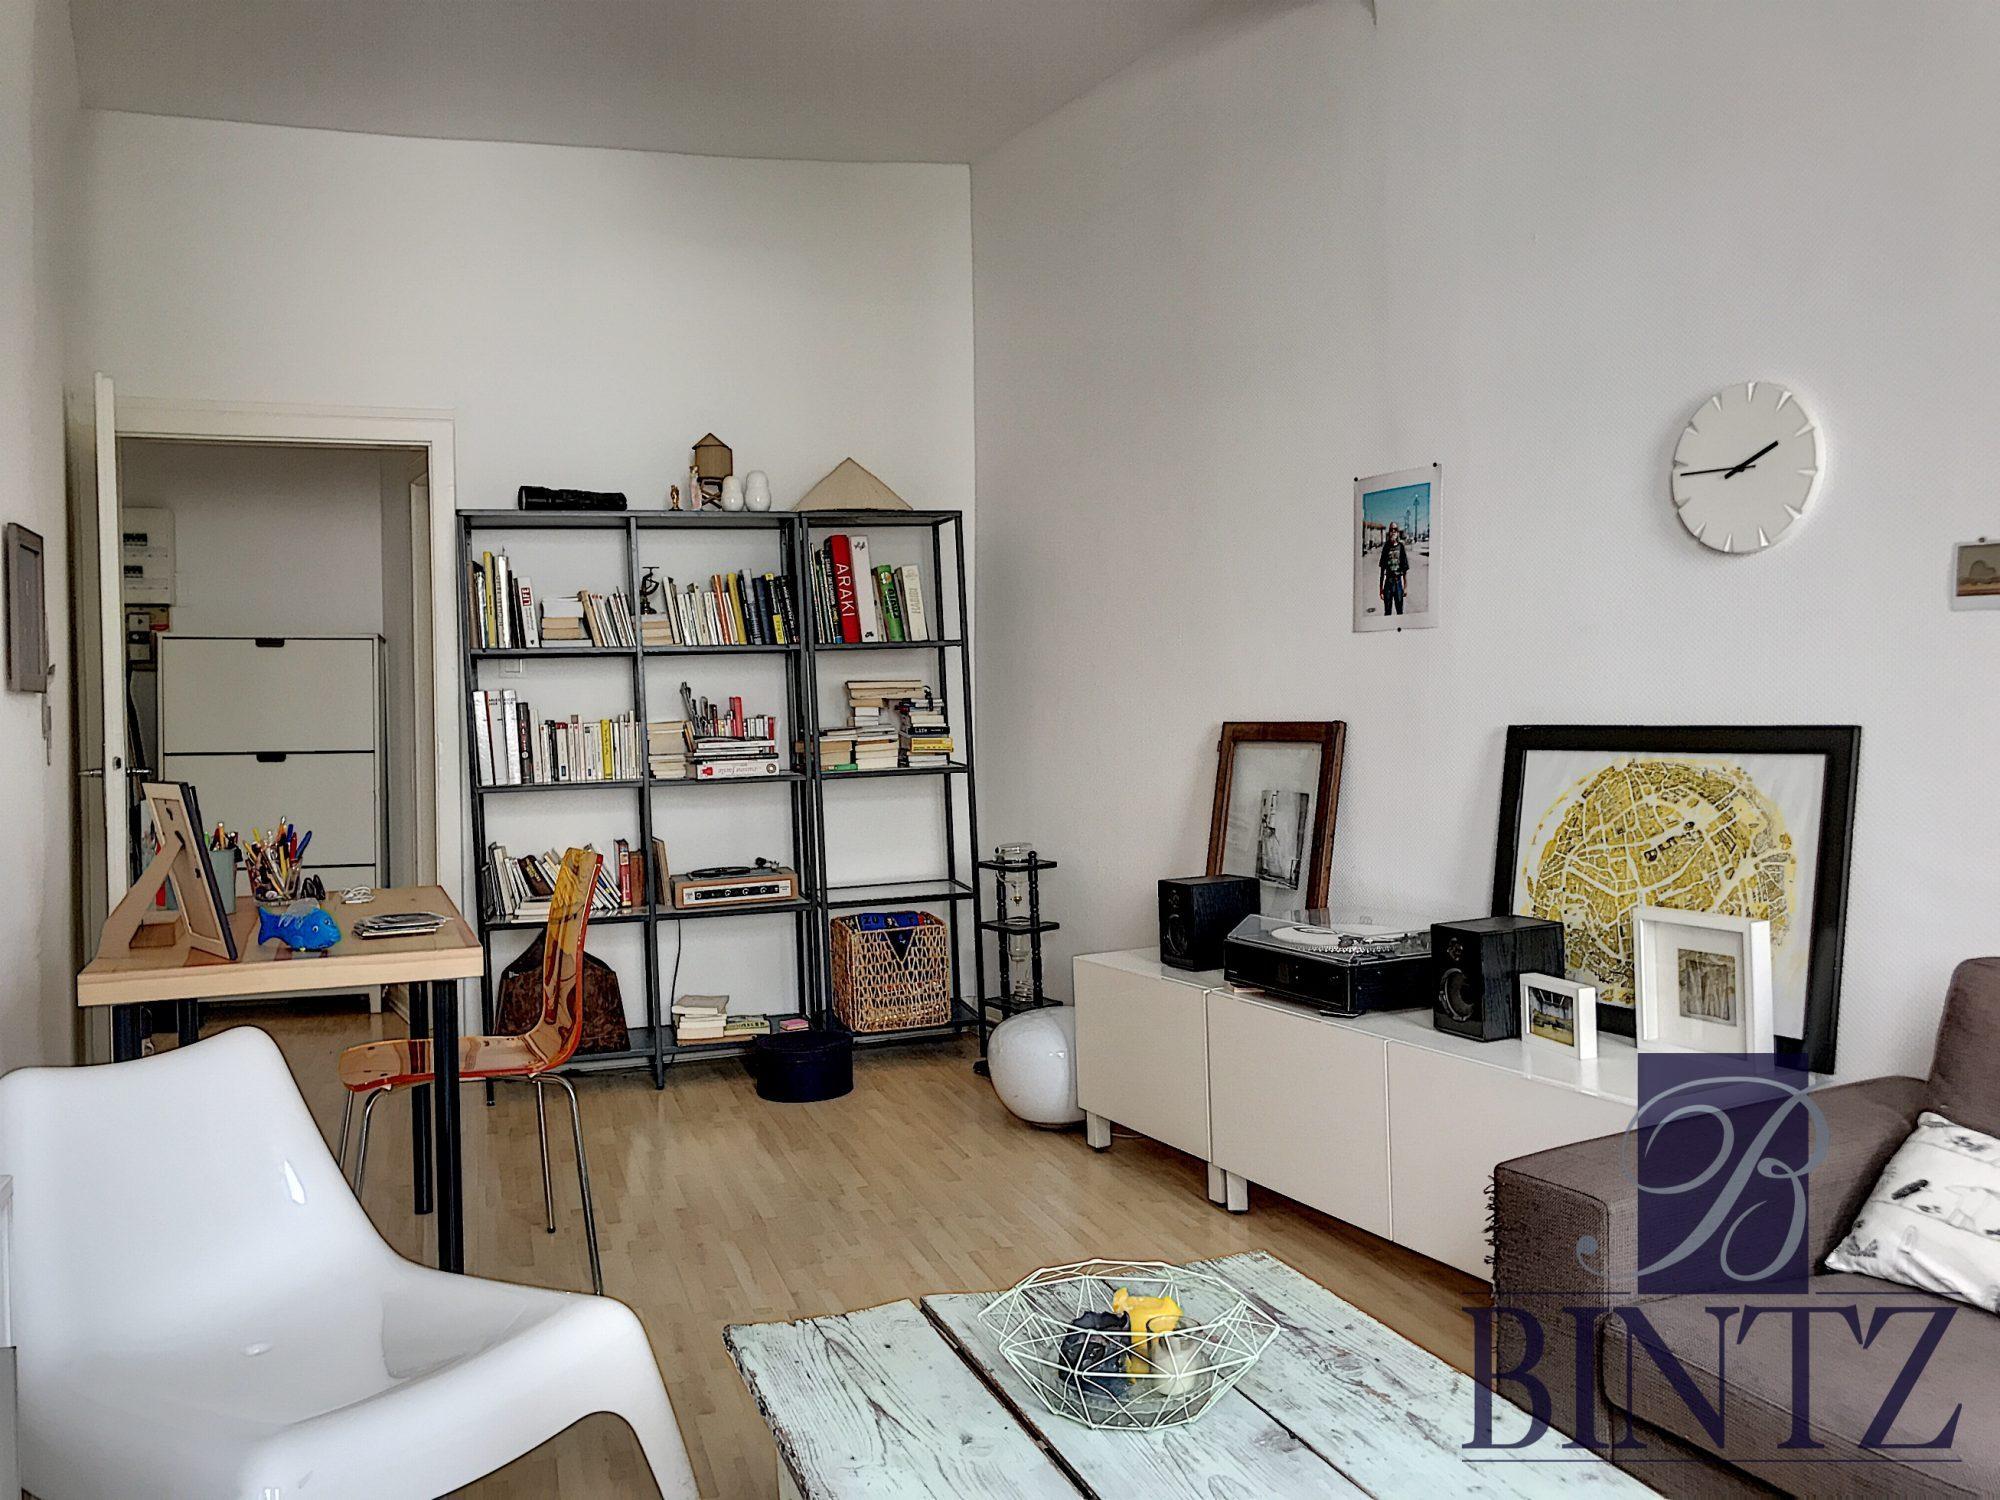 2 PIÈCES RUE DE ZURICH - Devenez locataire en toute sérénité - Bintz Immobilier - 1